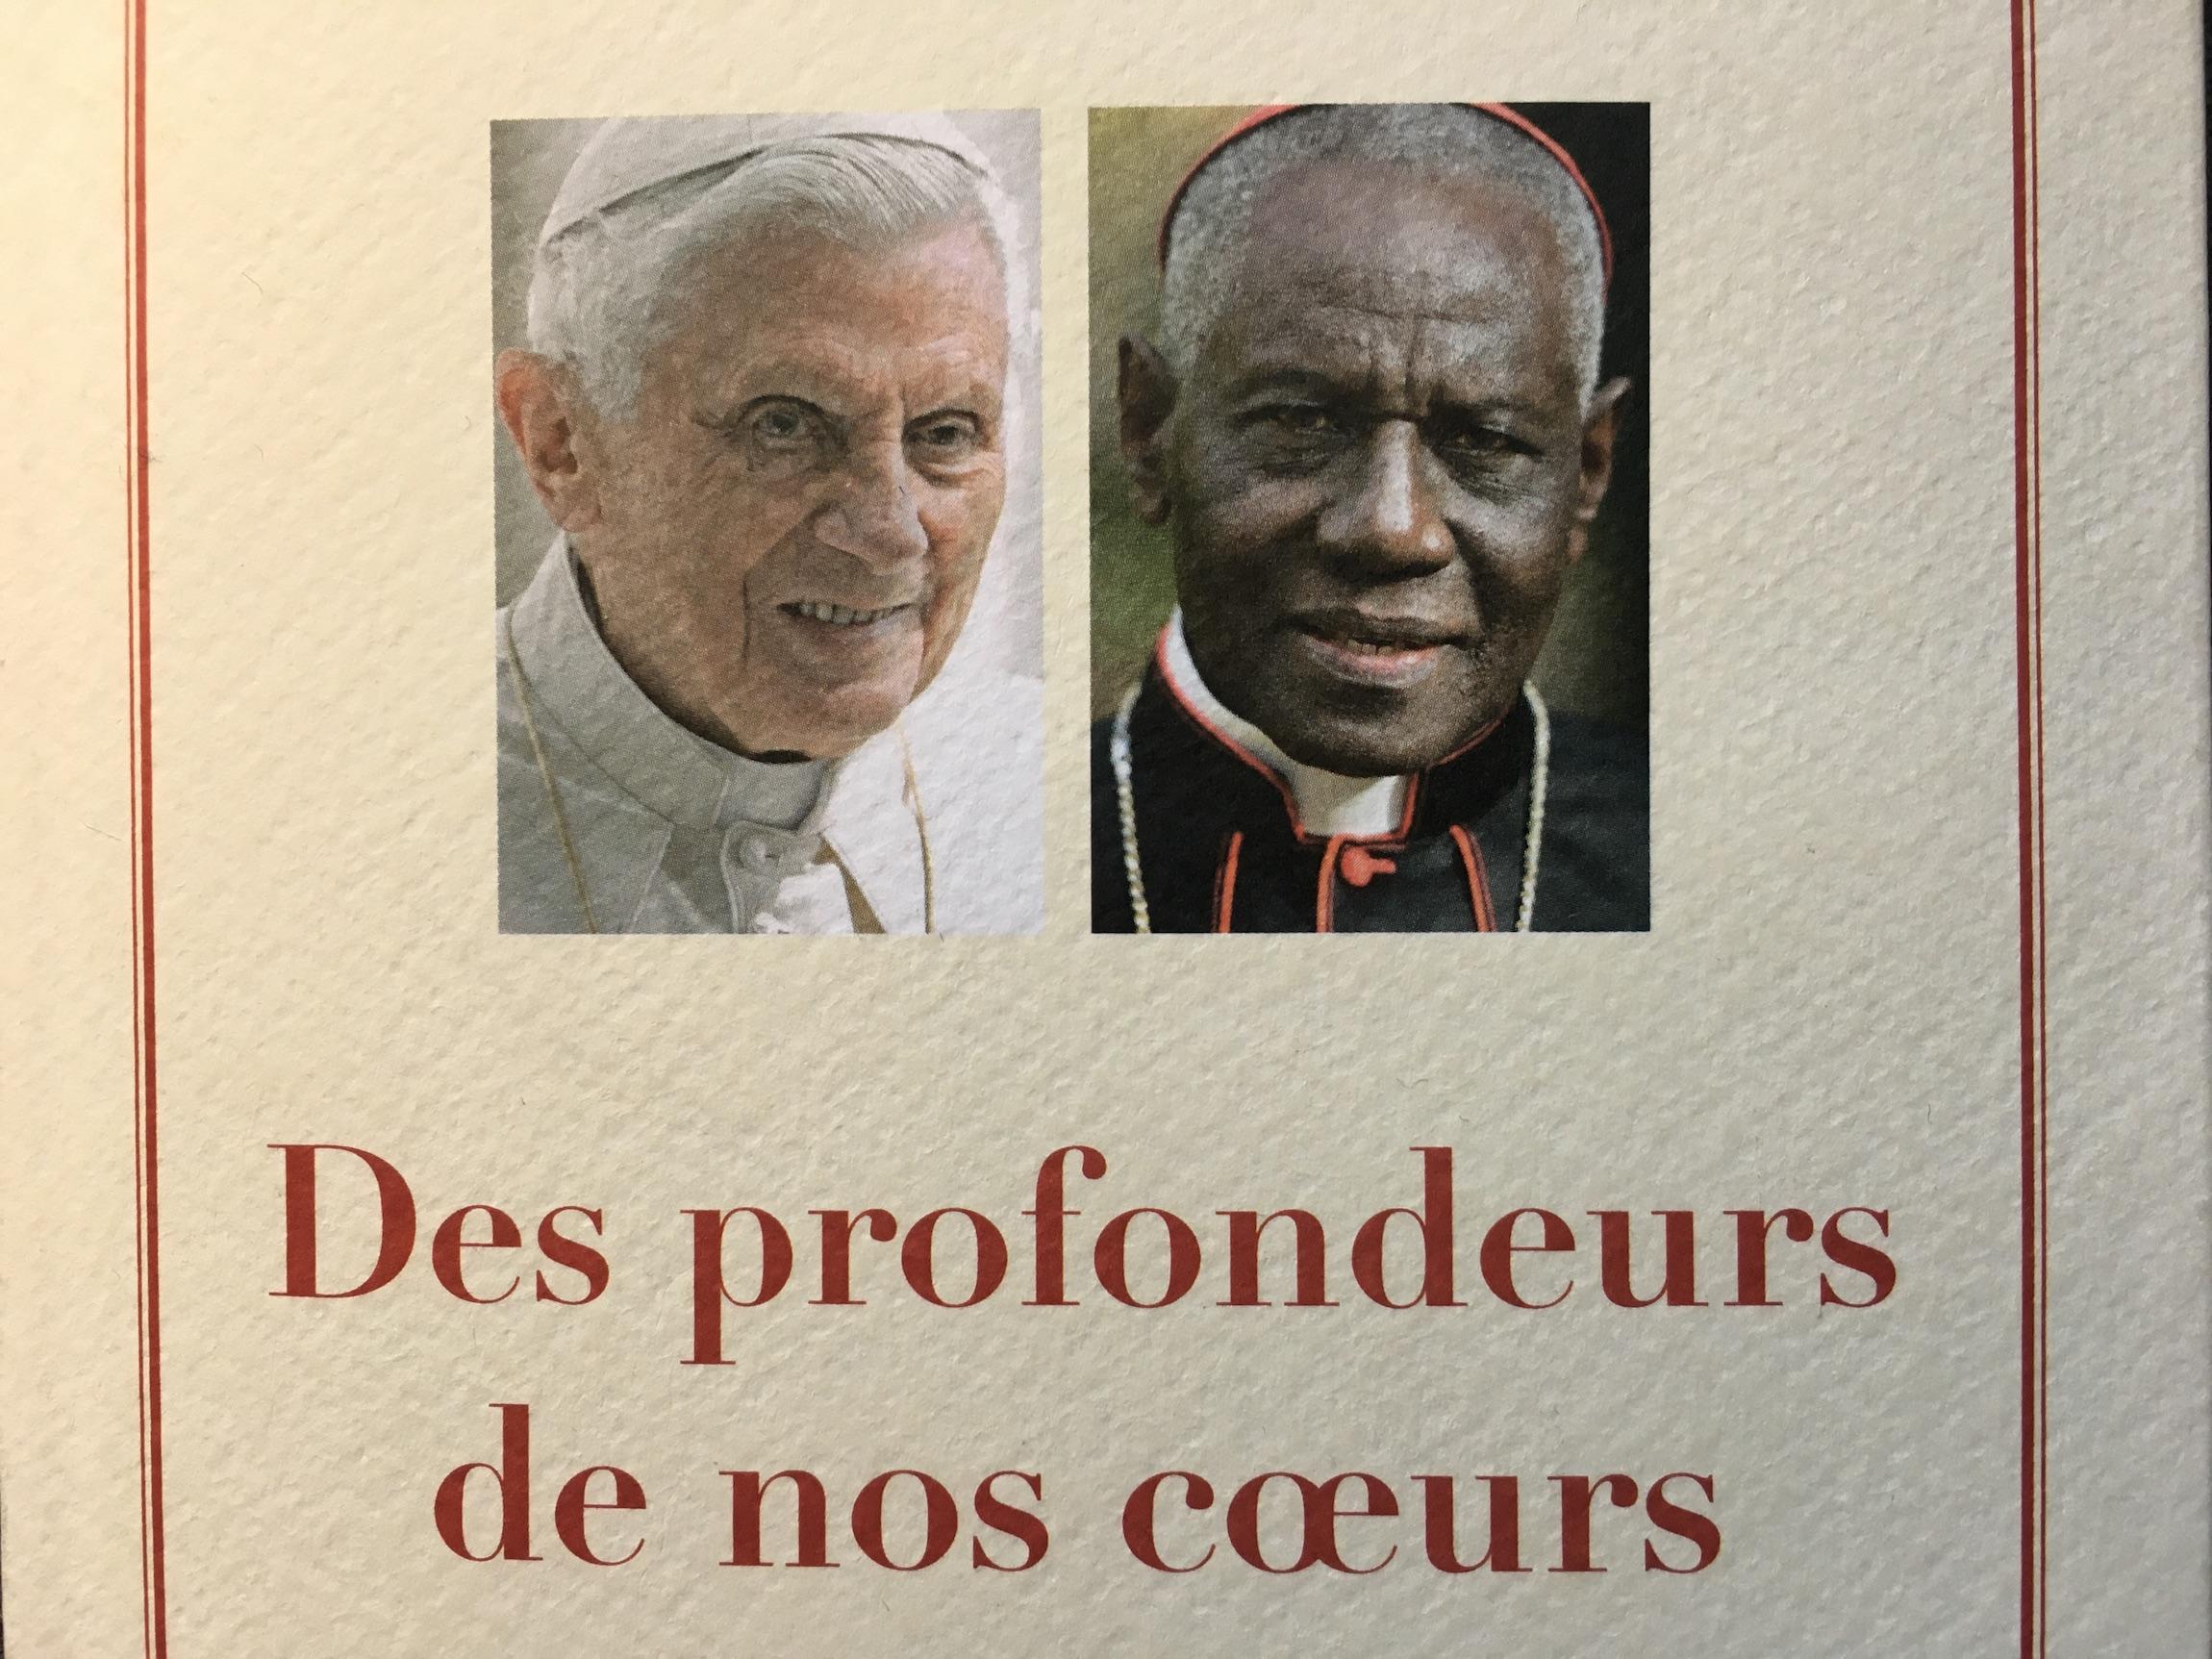 Des profondeurs de nos cœurs – Benoit XVI et Card. Sarah